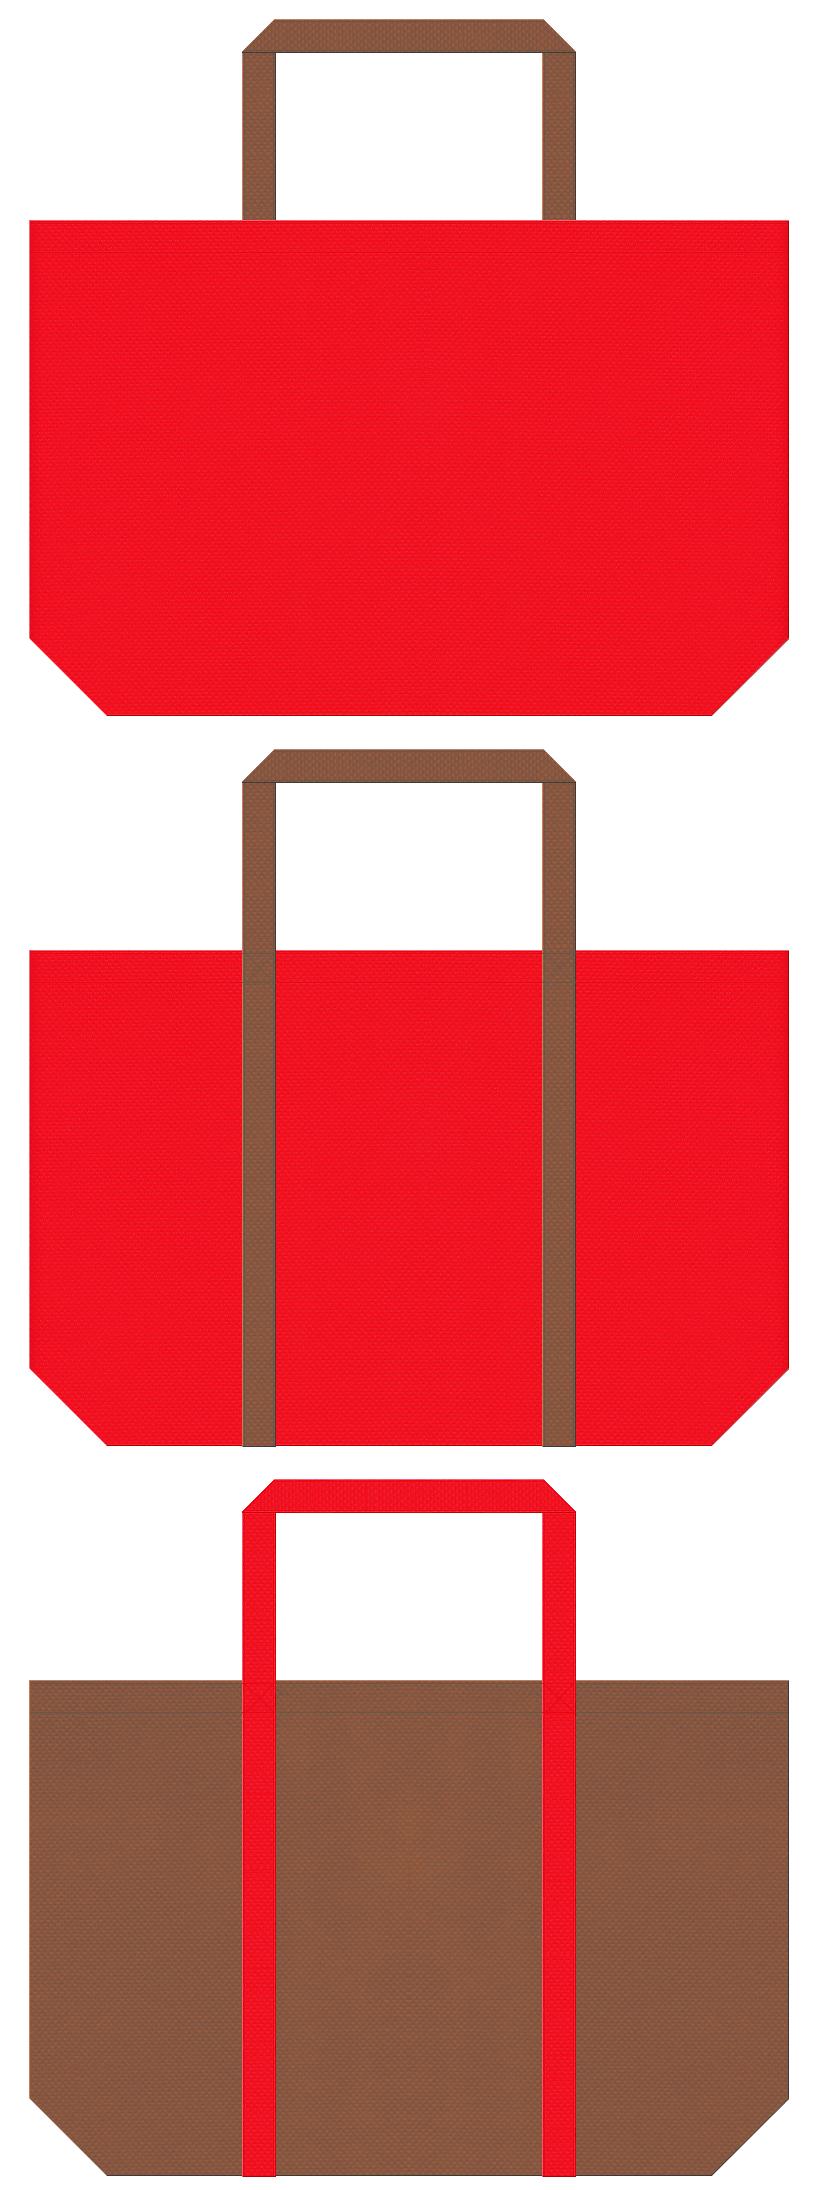 暖炉・ストーブ・暖房器具・絵本・おとぎ話・トナカイ・クリスマスセールにお奨めの不織布バッグデザイン:赤色と茶色のコーデ